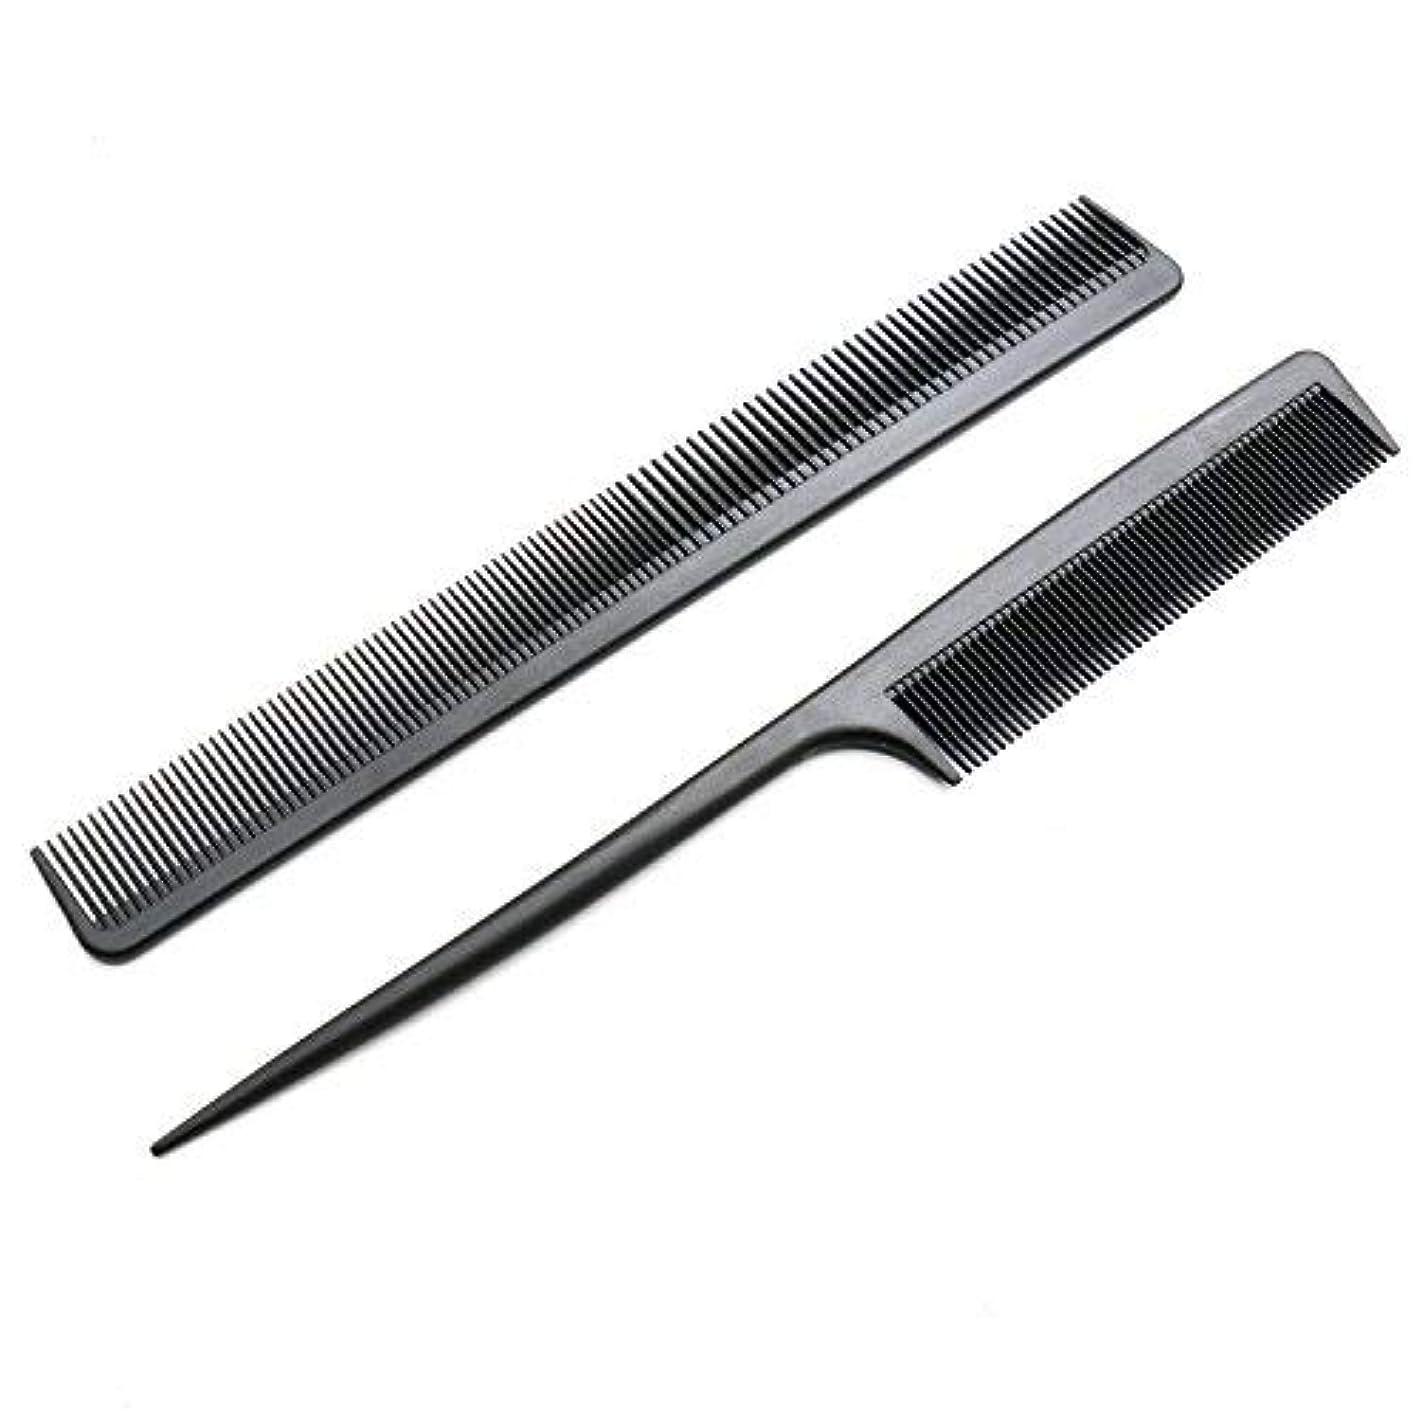 地元離婚下品2 Pack Carbon Fiber Anti Static Chemical And Heat Resistant Tail Comb For All Hair Types,Black [並行輸入品]